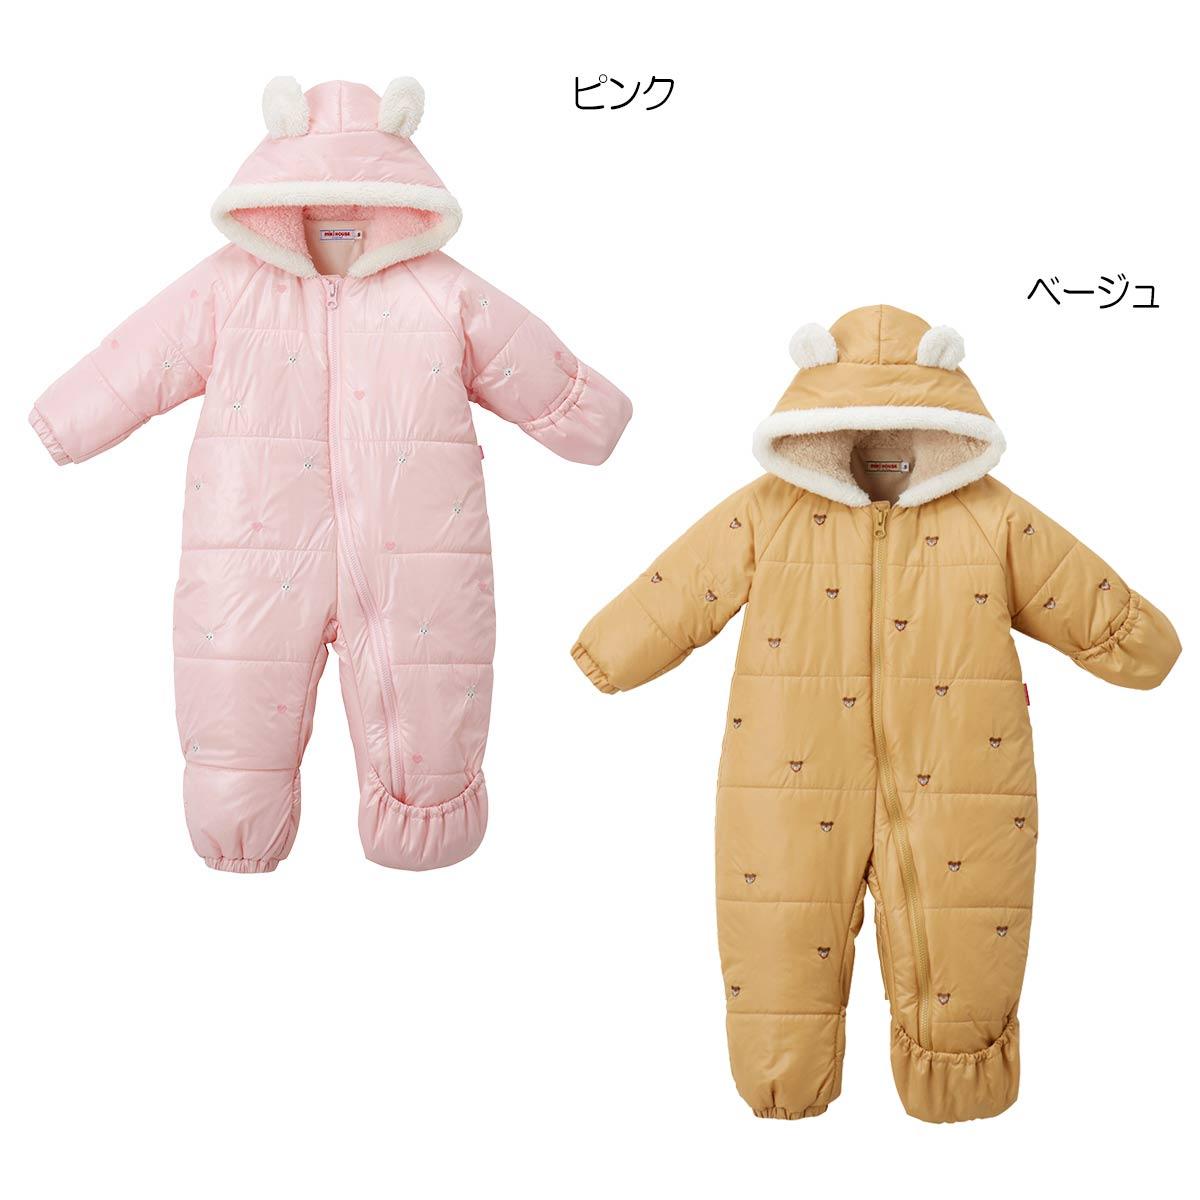 (ミキハウス)プッチー&うさこのとびちりジャンプスーツ(70-100cm)